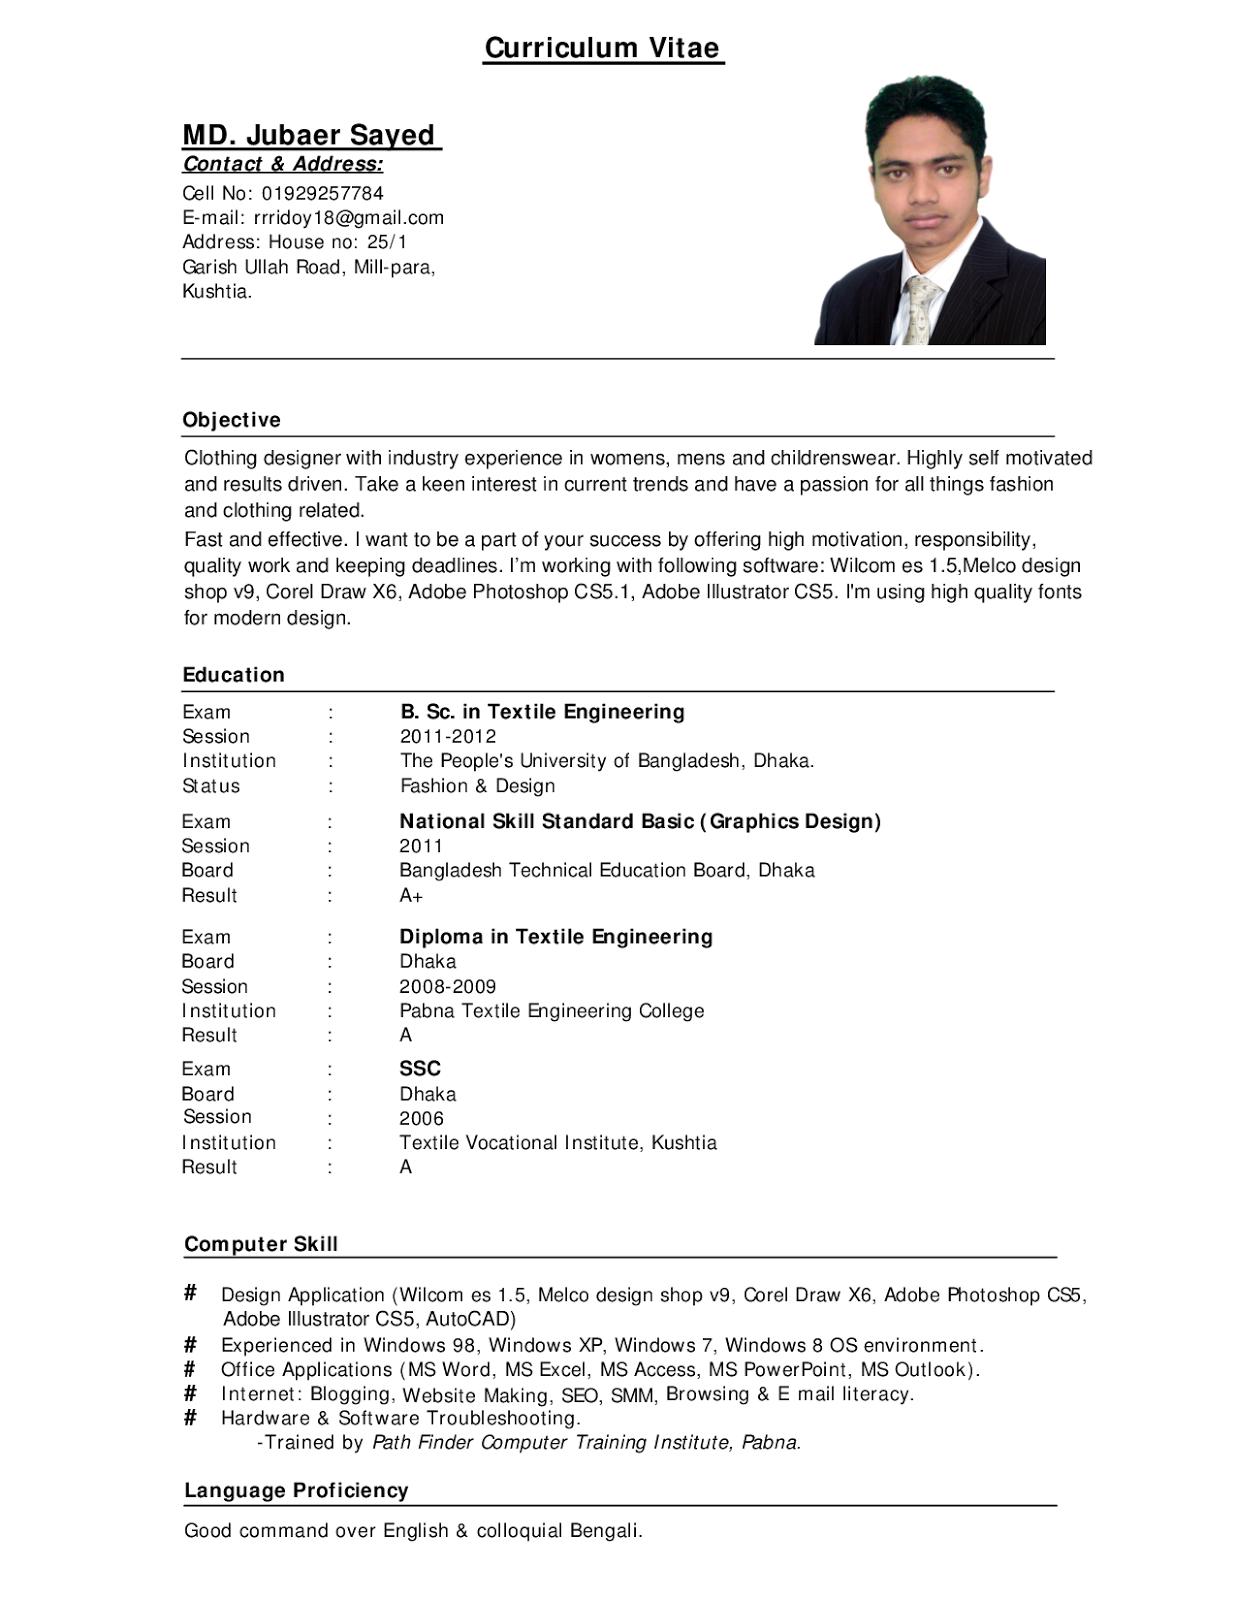 Job Resume Pdf Free Download